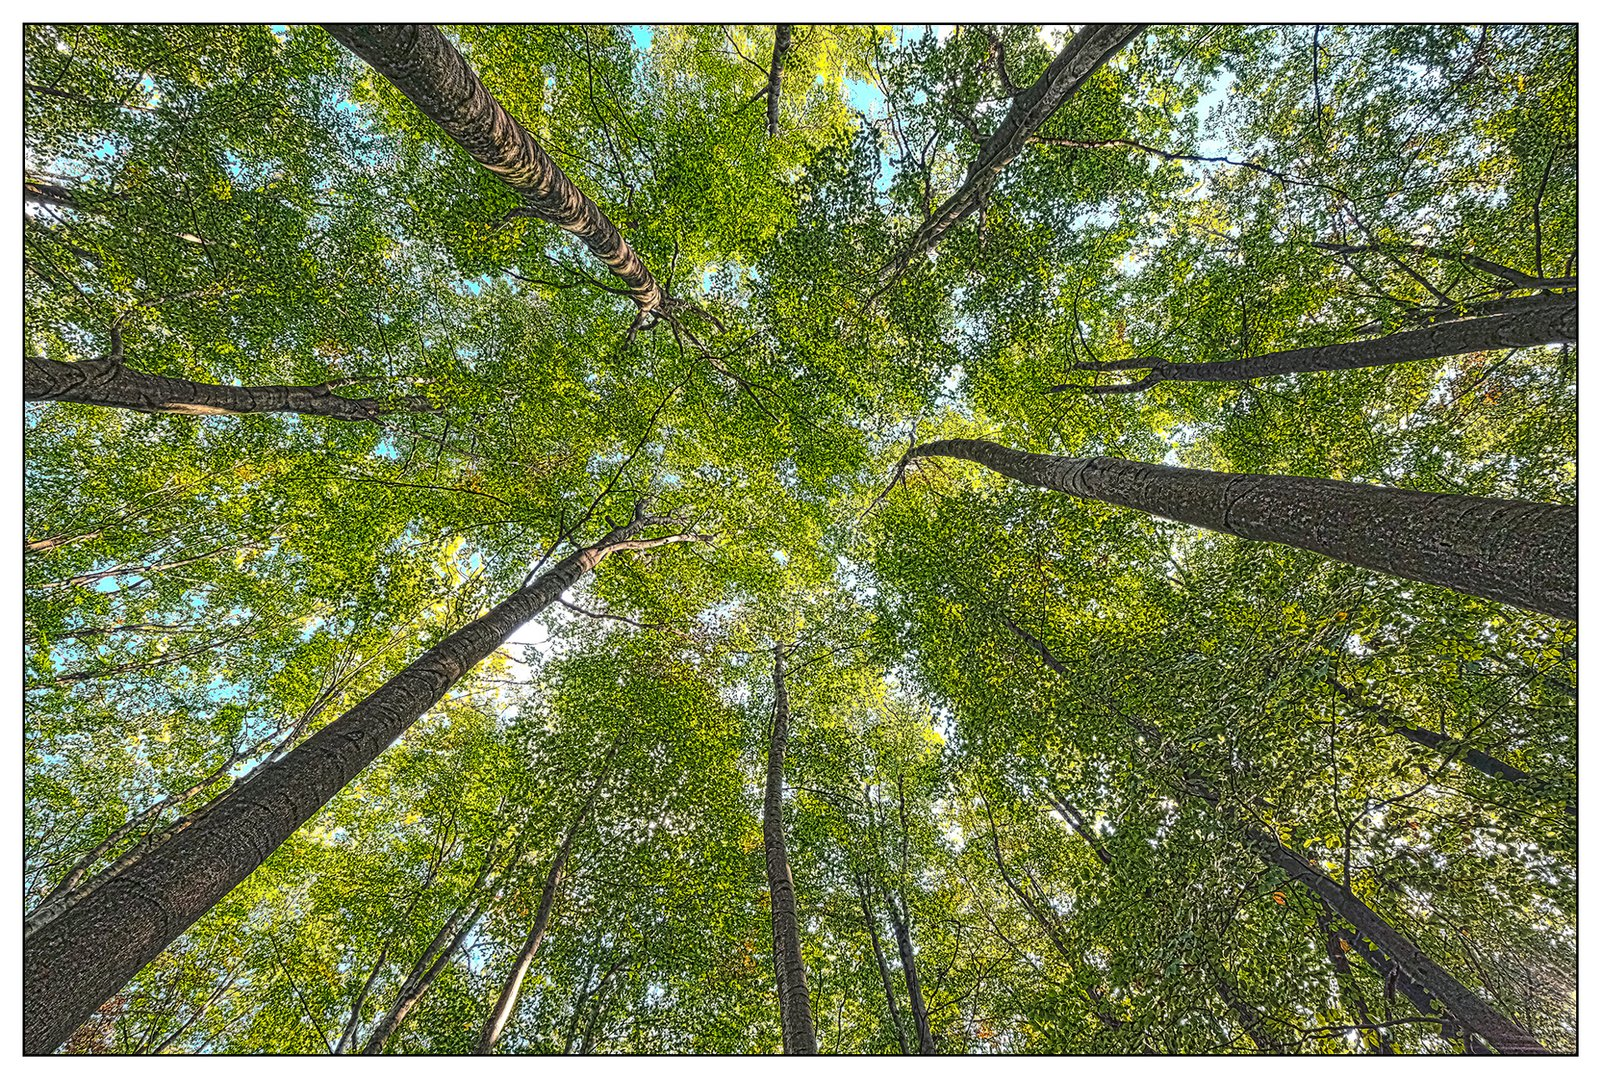 Trees #4